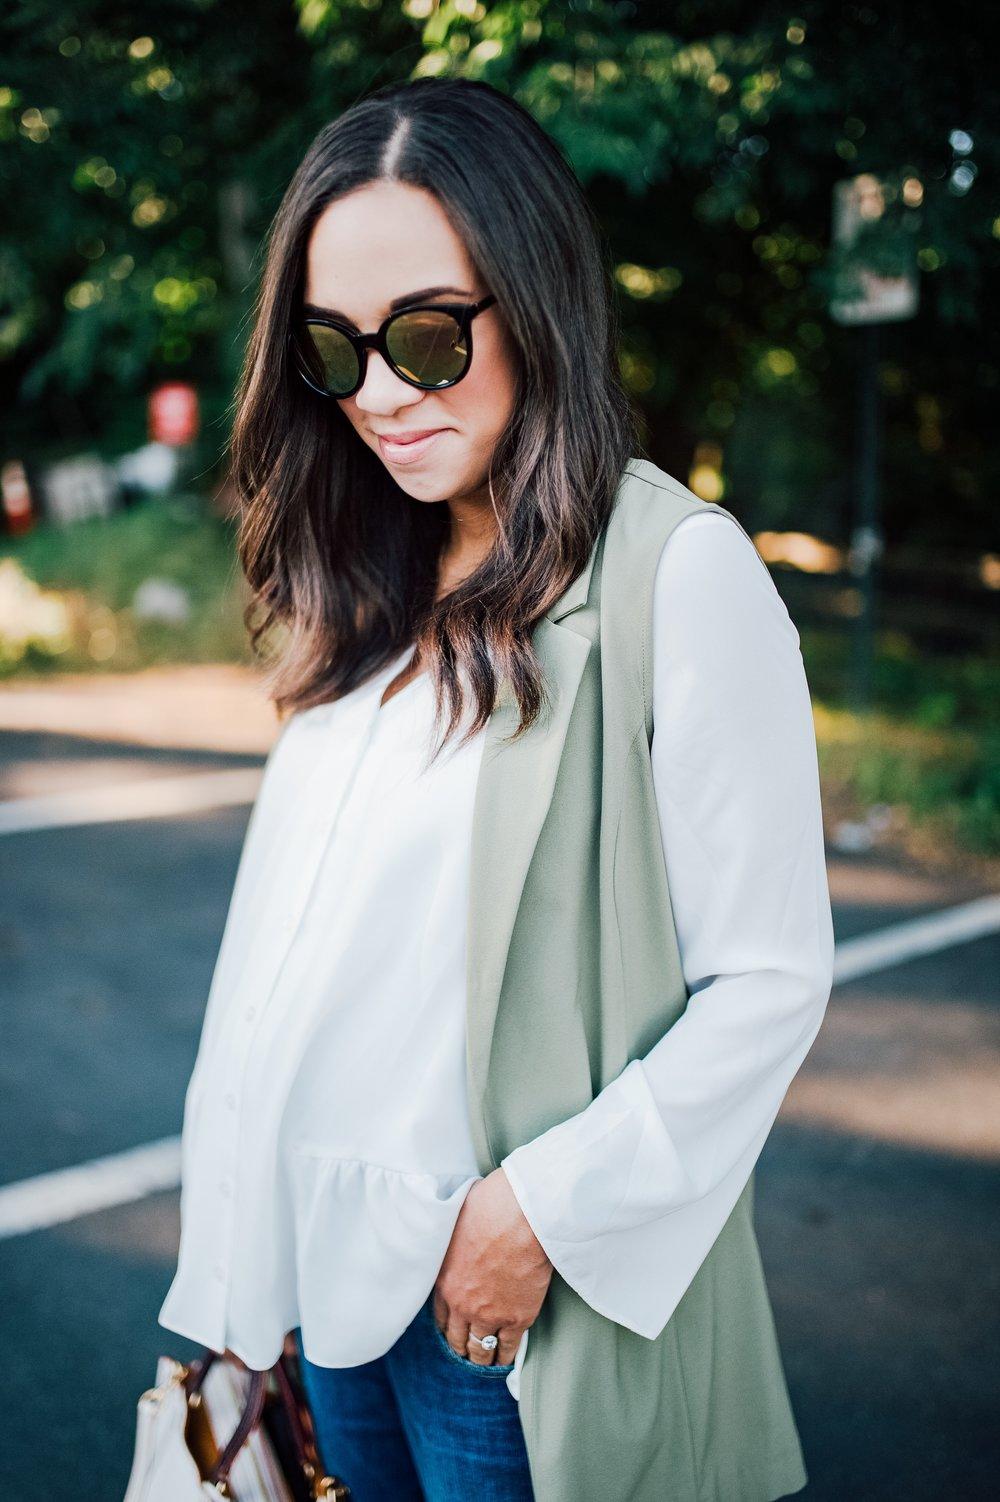 Flowy Maternity Top + Boyfriend Jeans 1.jpg